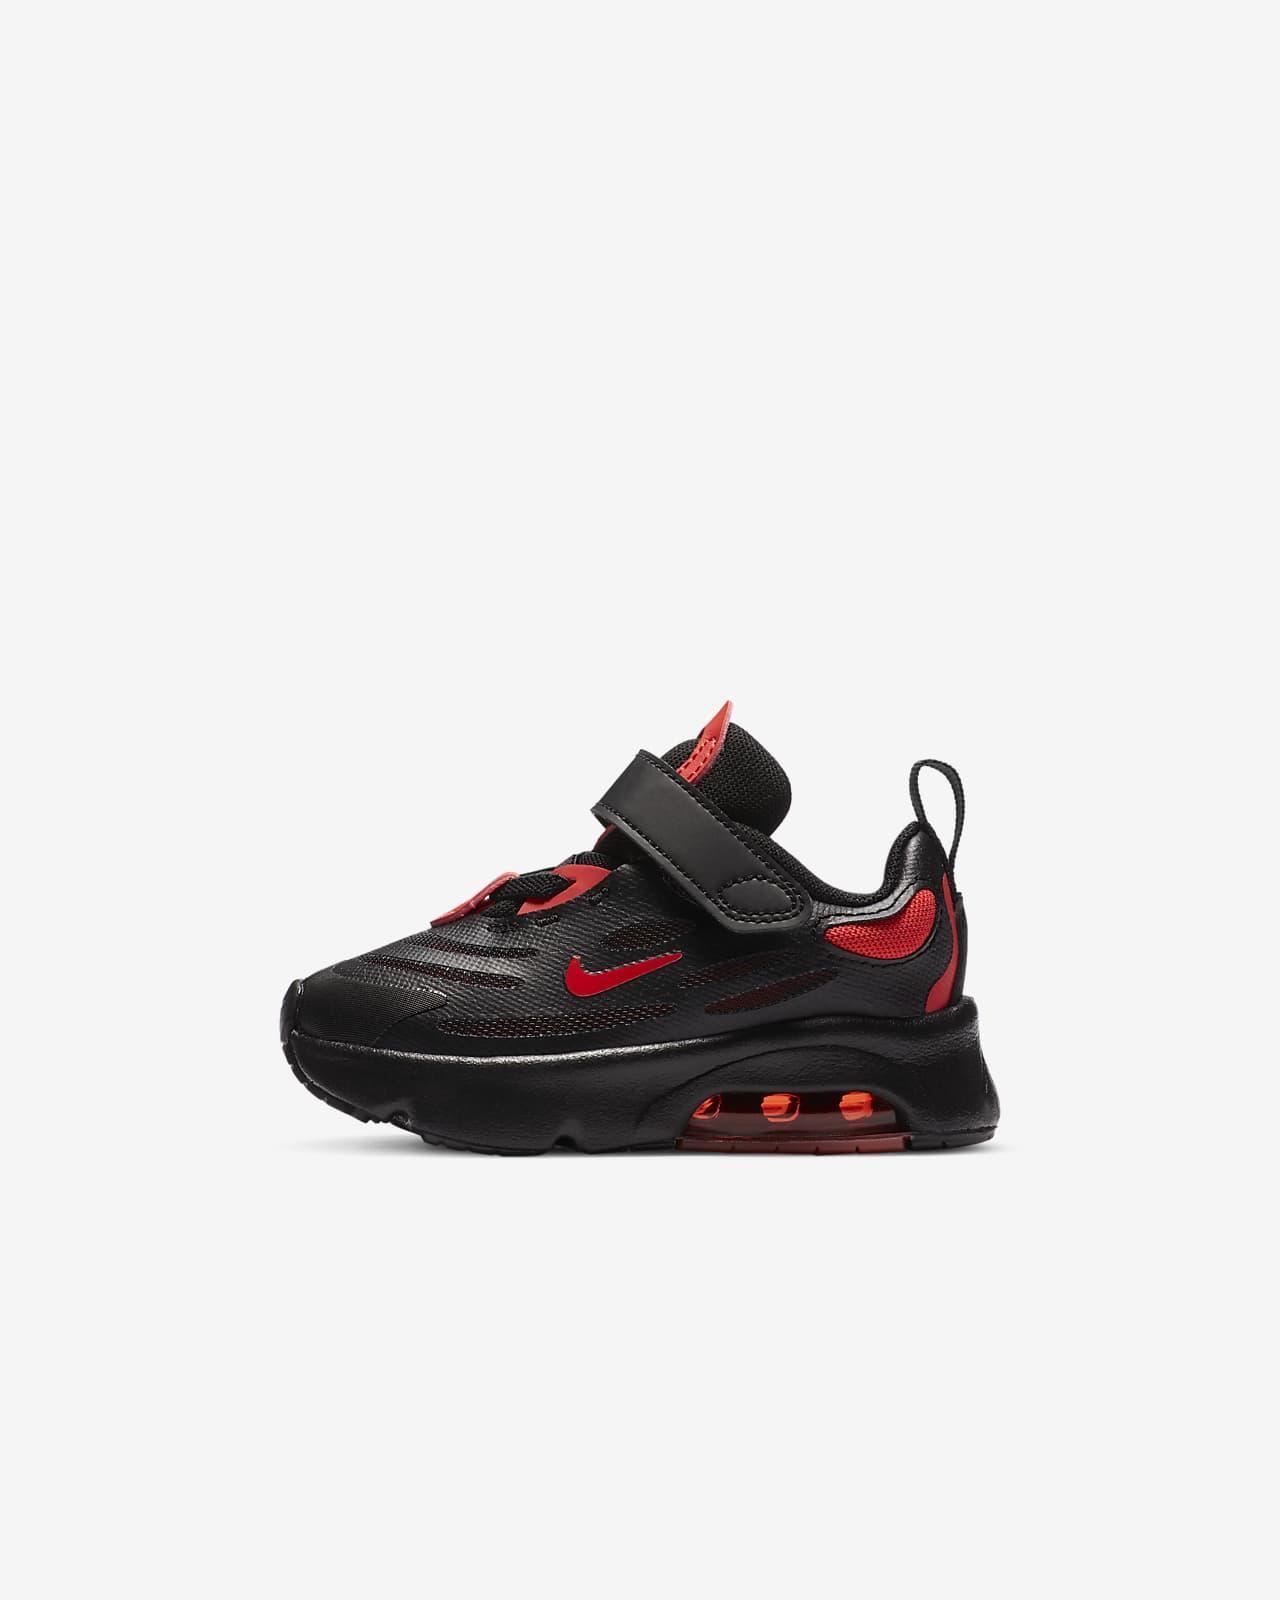 Nike Air Max Exosense Baby and Toddler Shoe